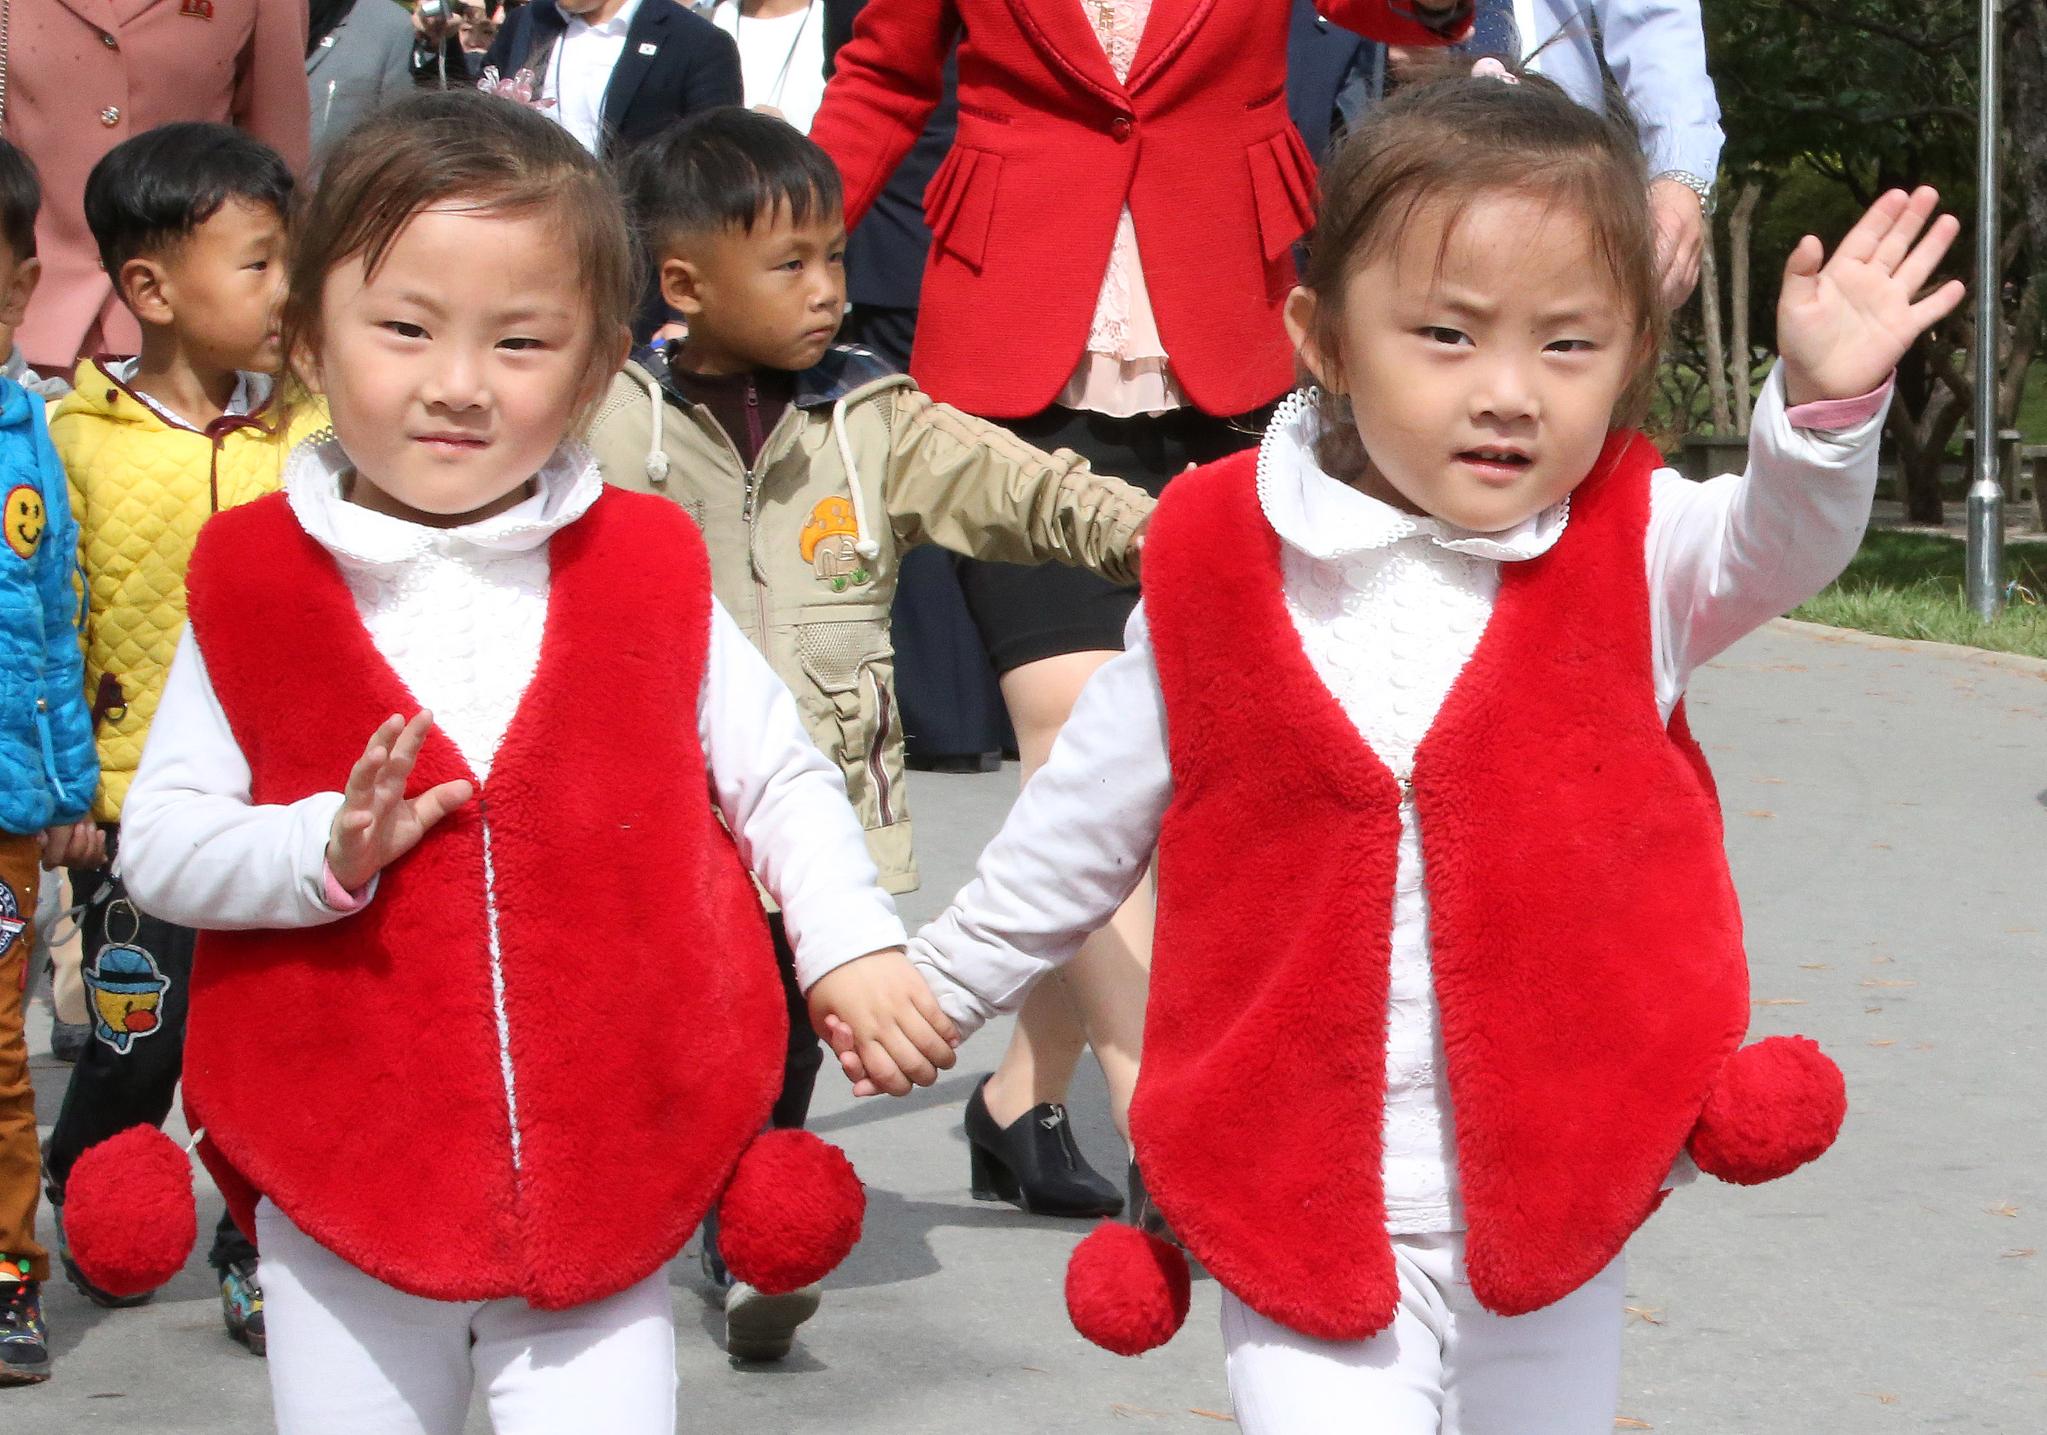 어린이들이 지난 6일 평양 중앙동물원에서 남측 취재진을 향해 손을 흔들고 있다. 평양사진공동취재단